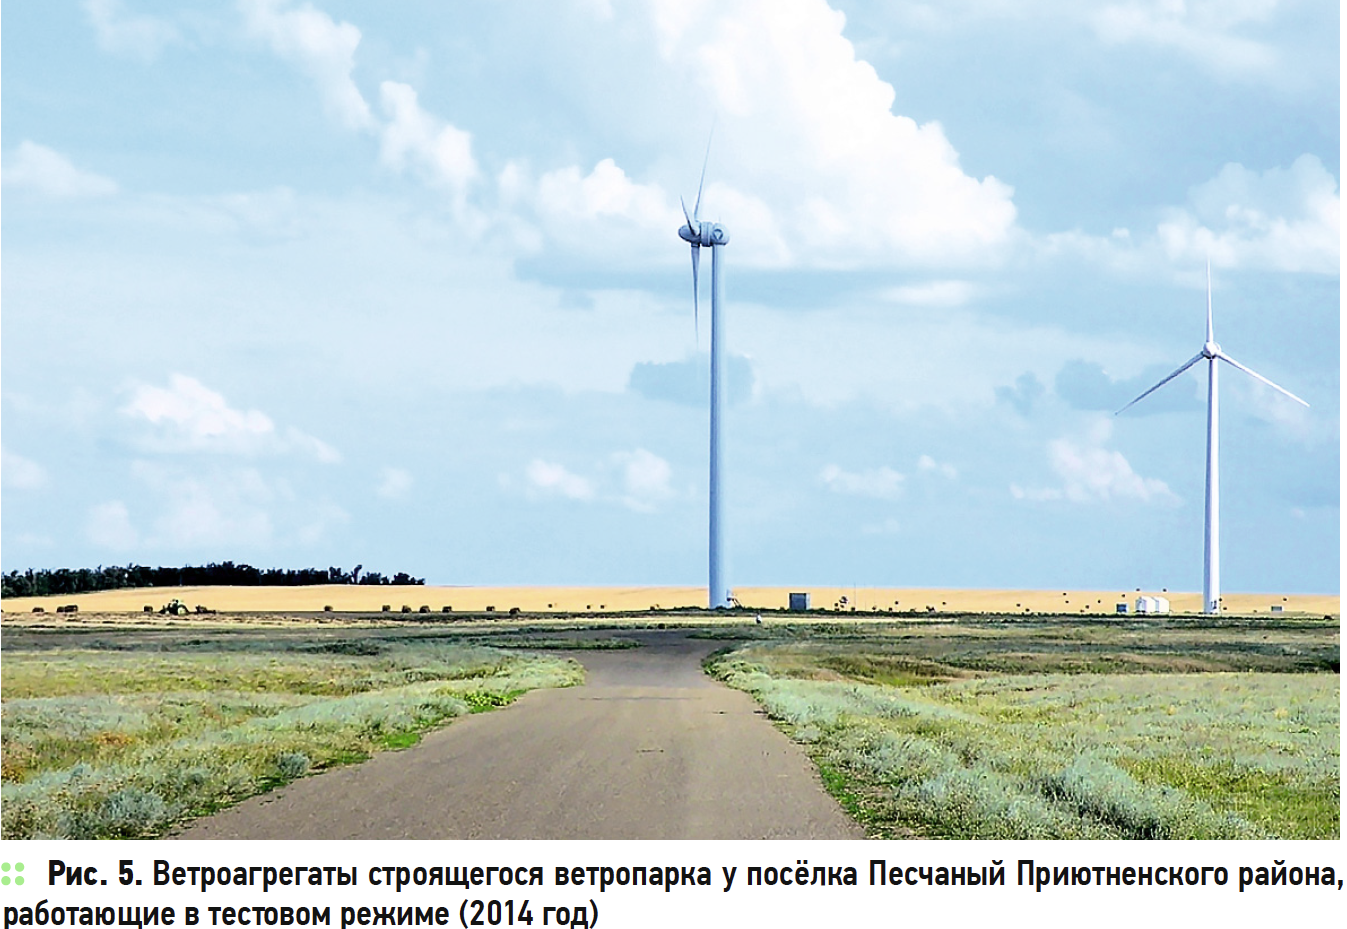 Возобновляемая энергетика в Калмыкии: опыт, проблемы и перспективы региона. 7/2017. Фото 7